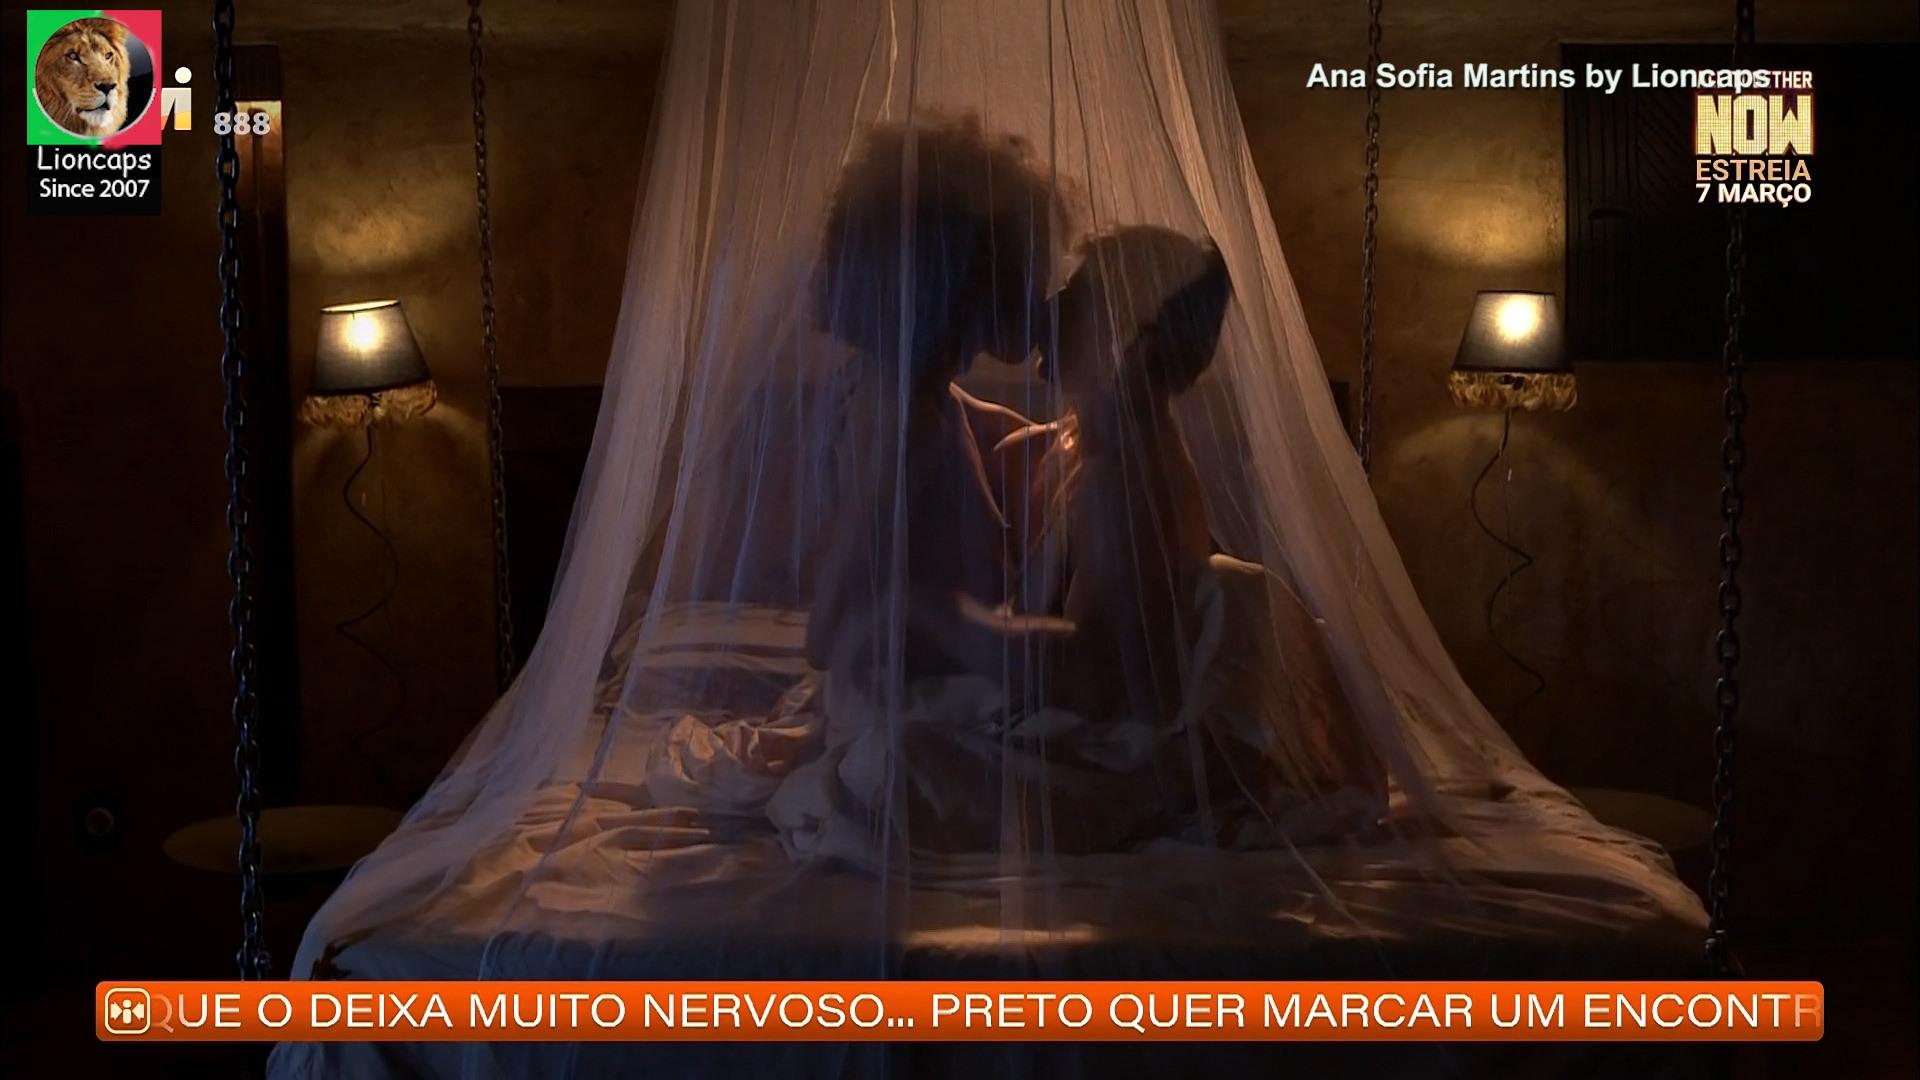 ana_sofia_martins_unica_mulher_lioncaps_06_03_2021 (2).jpg